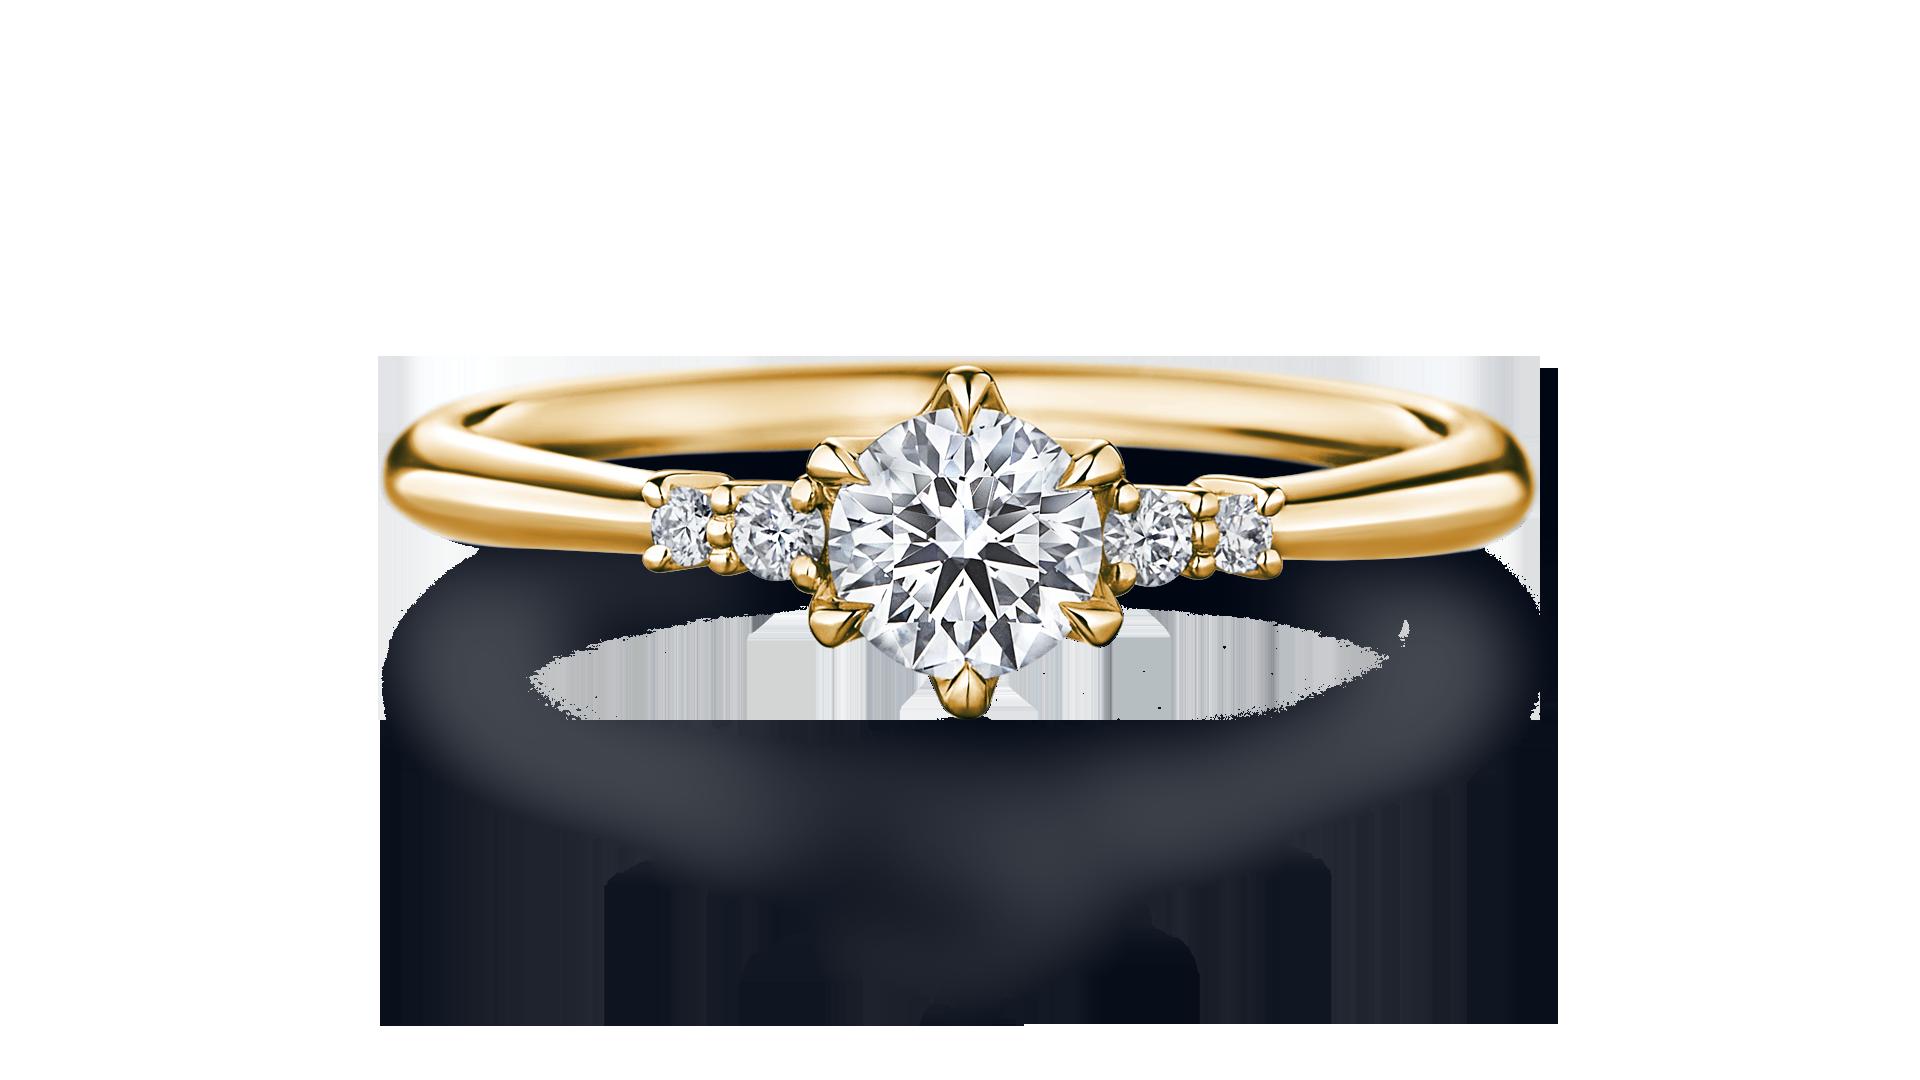 orion オリオン   婚約指輪サムネイル 1